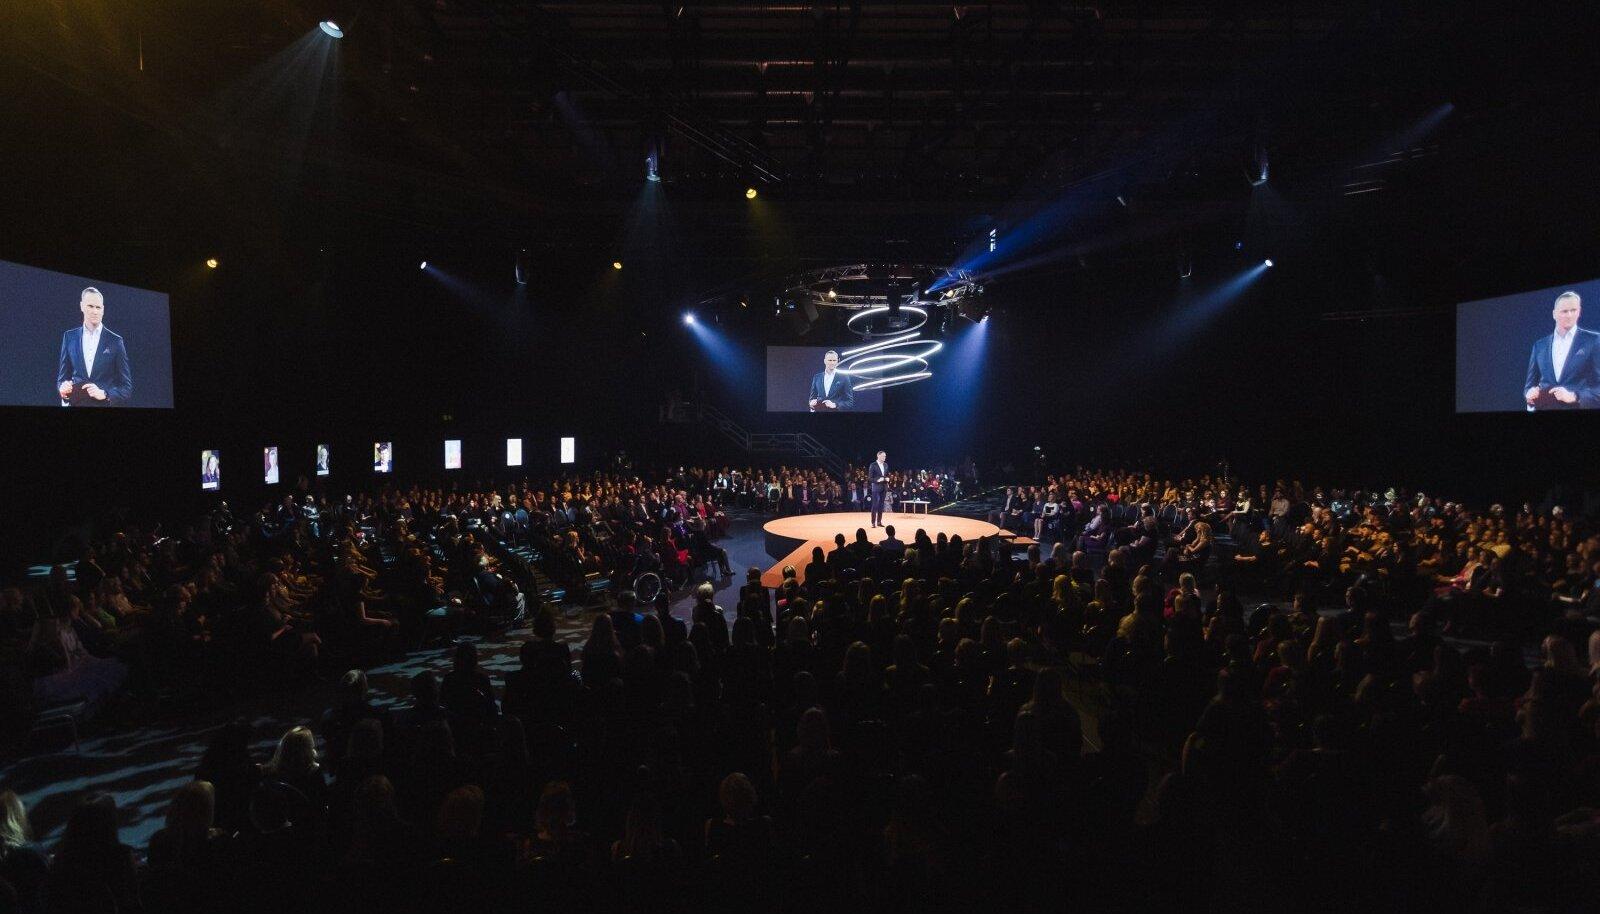 Tänavu 1. veebruaril Saku suurhallis toimunud Swedbanki aasta galal oli 1300 osalejat. Seekord pidu ei tule, vaid kohtutakse omavahel interneti kaudu võilooduses, sest ühisürituste traditsiooni tahetakse hoida ka praegu.